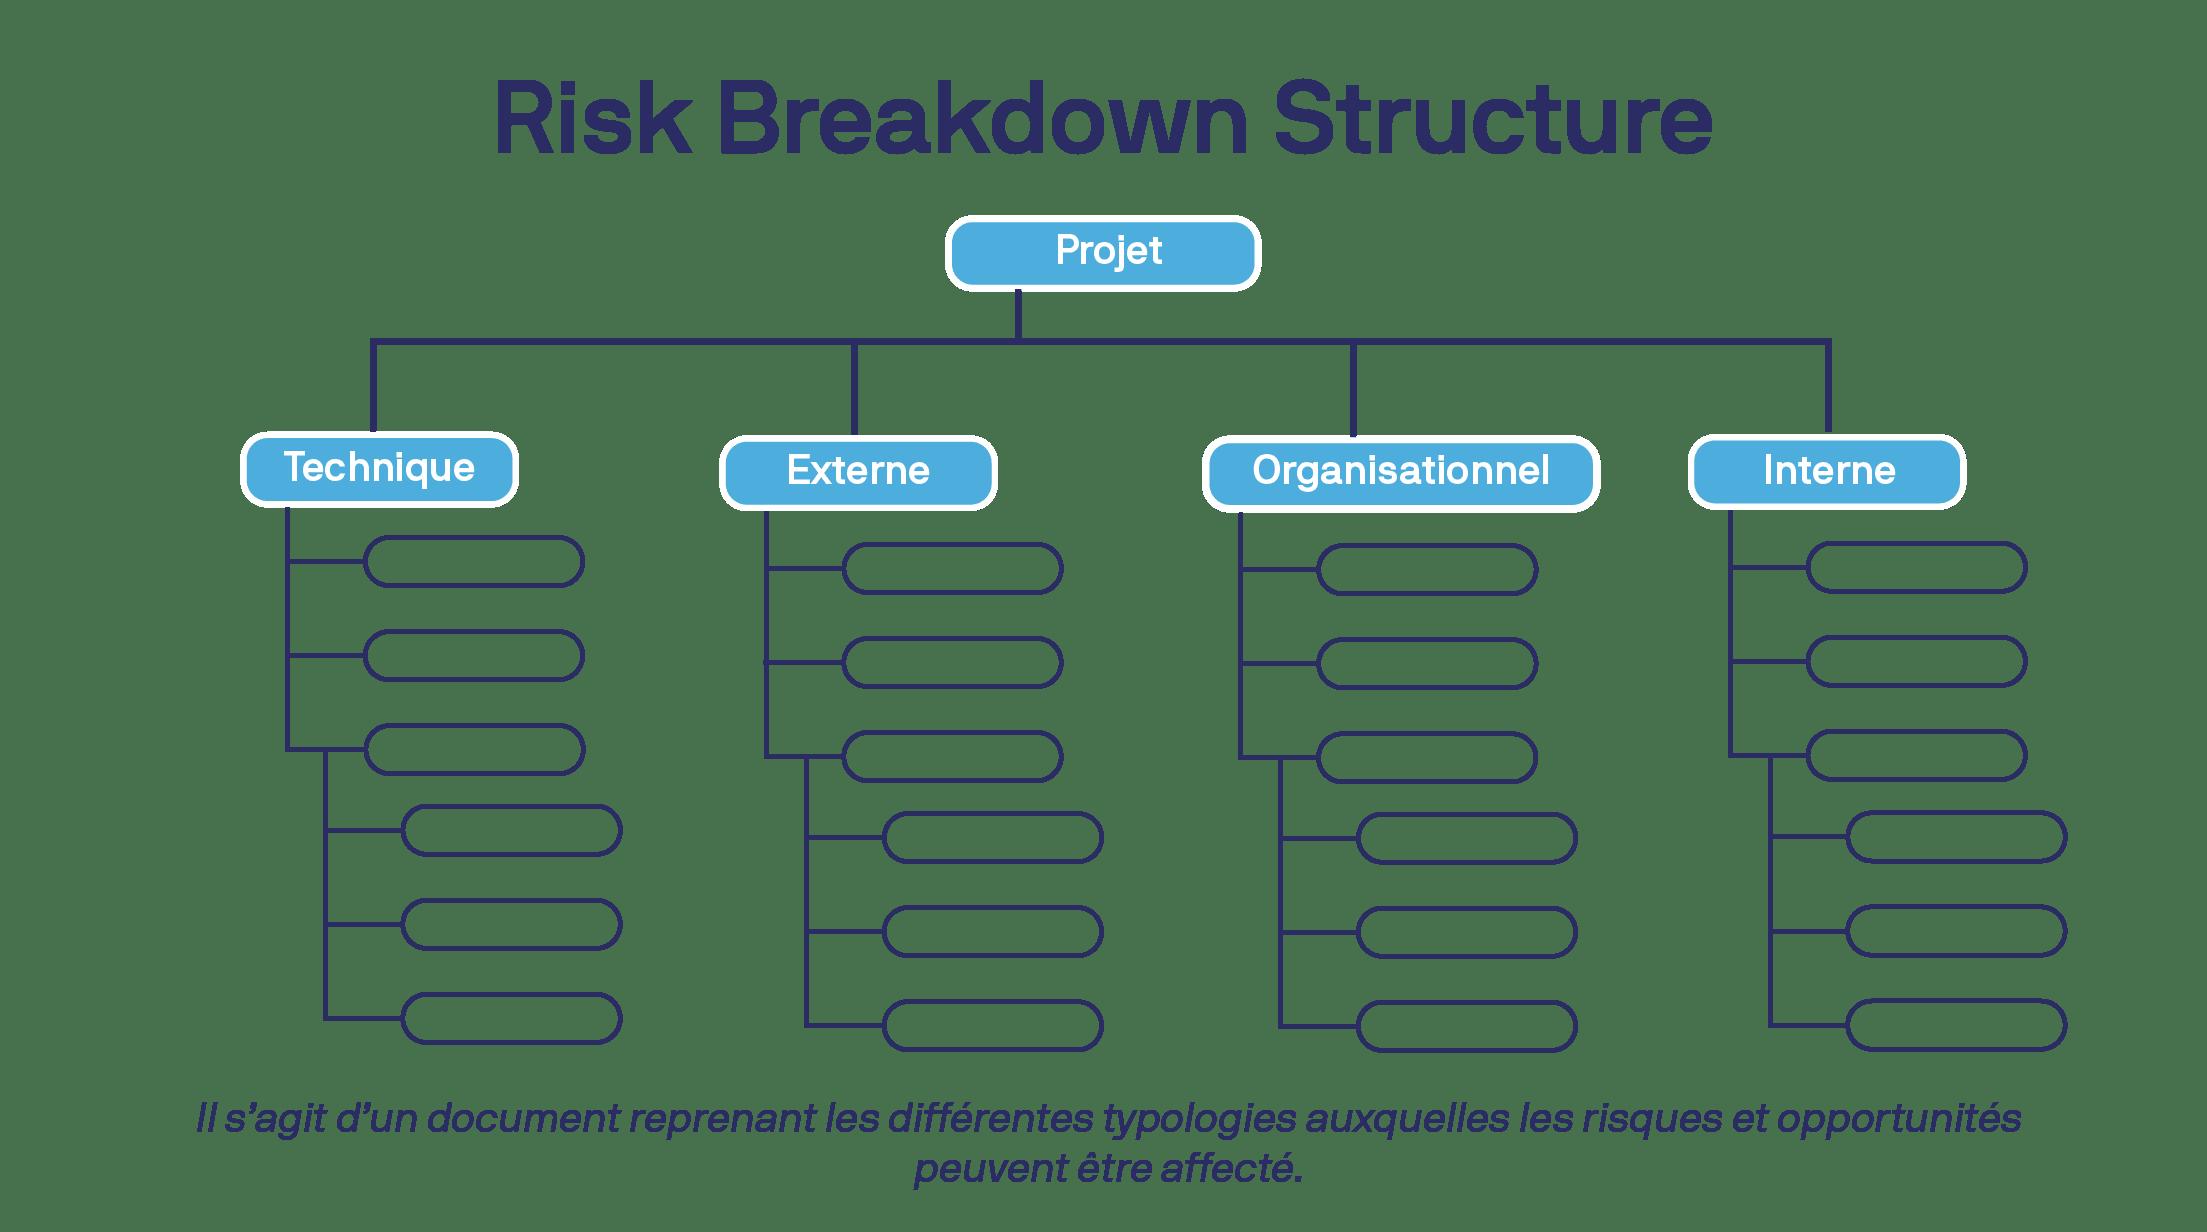 hiérarchie d'une structure de répartition des risques dans un visuel de liste